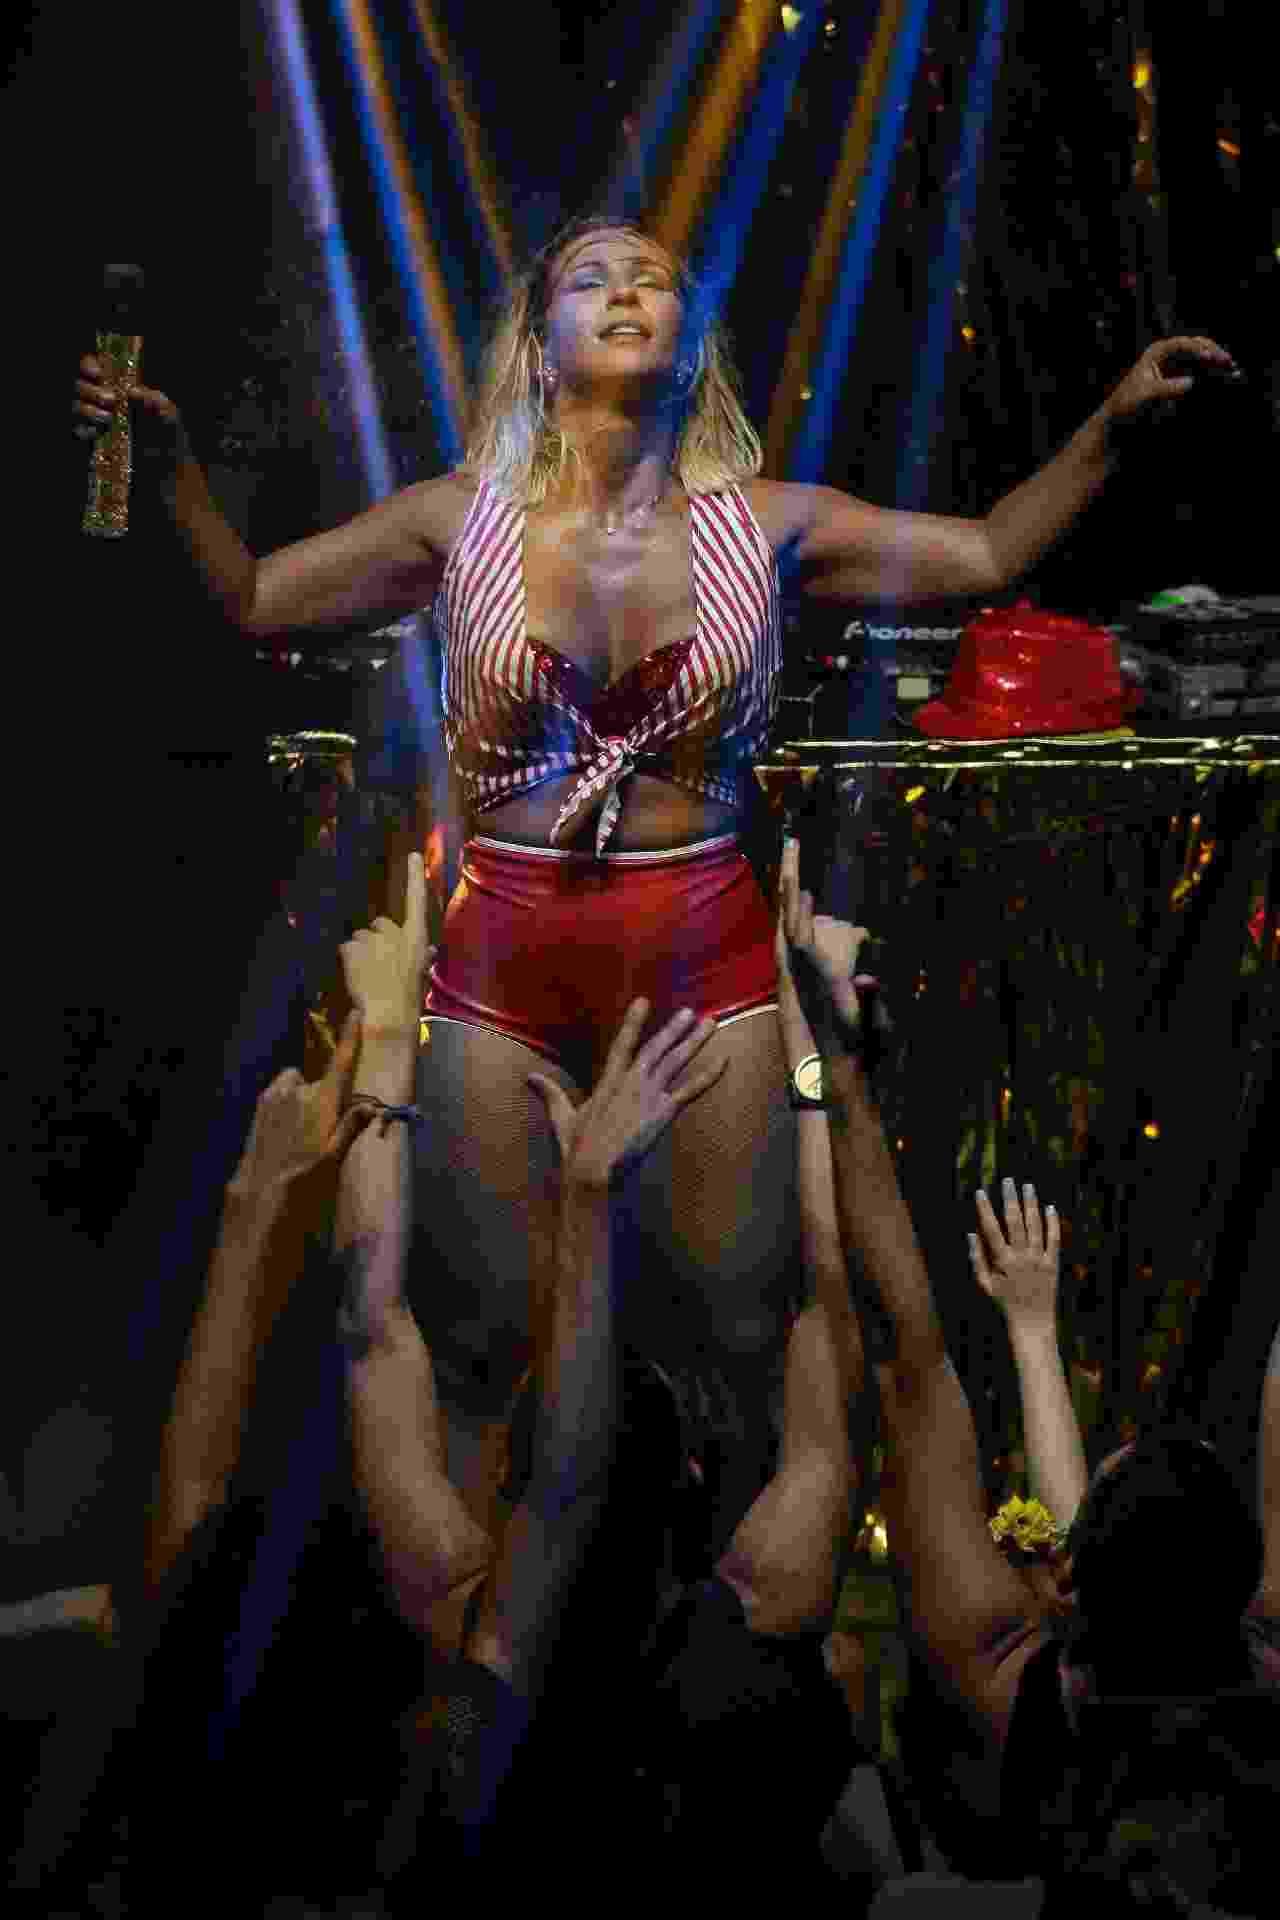 04.fev.2017 - Valesca Popozuda fez um show quente e sensual na noite de sábado (4) em São Paulo. No palco do Teatro Mars, na região central da cidade, a bordo de shorts curtíssimos, ela rebolou e dançou com sua trupe - AgNews